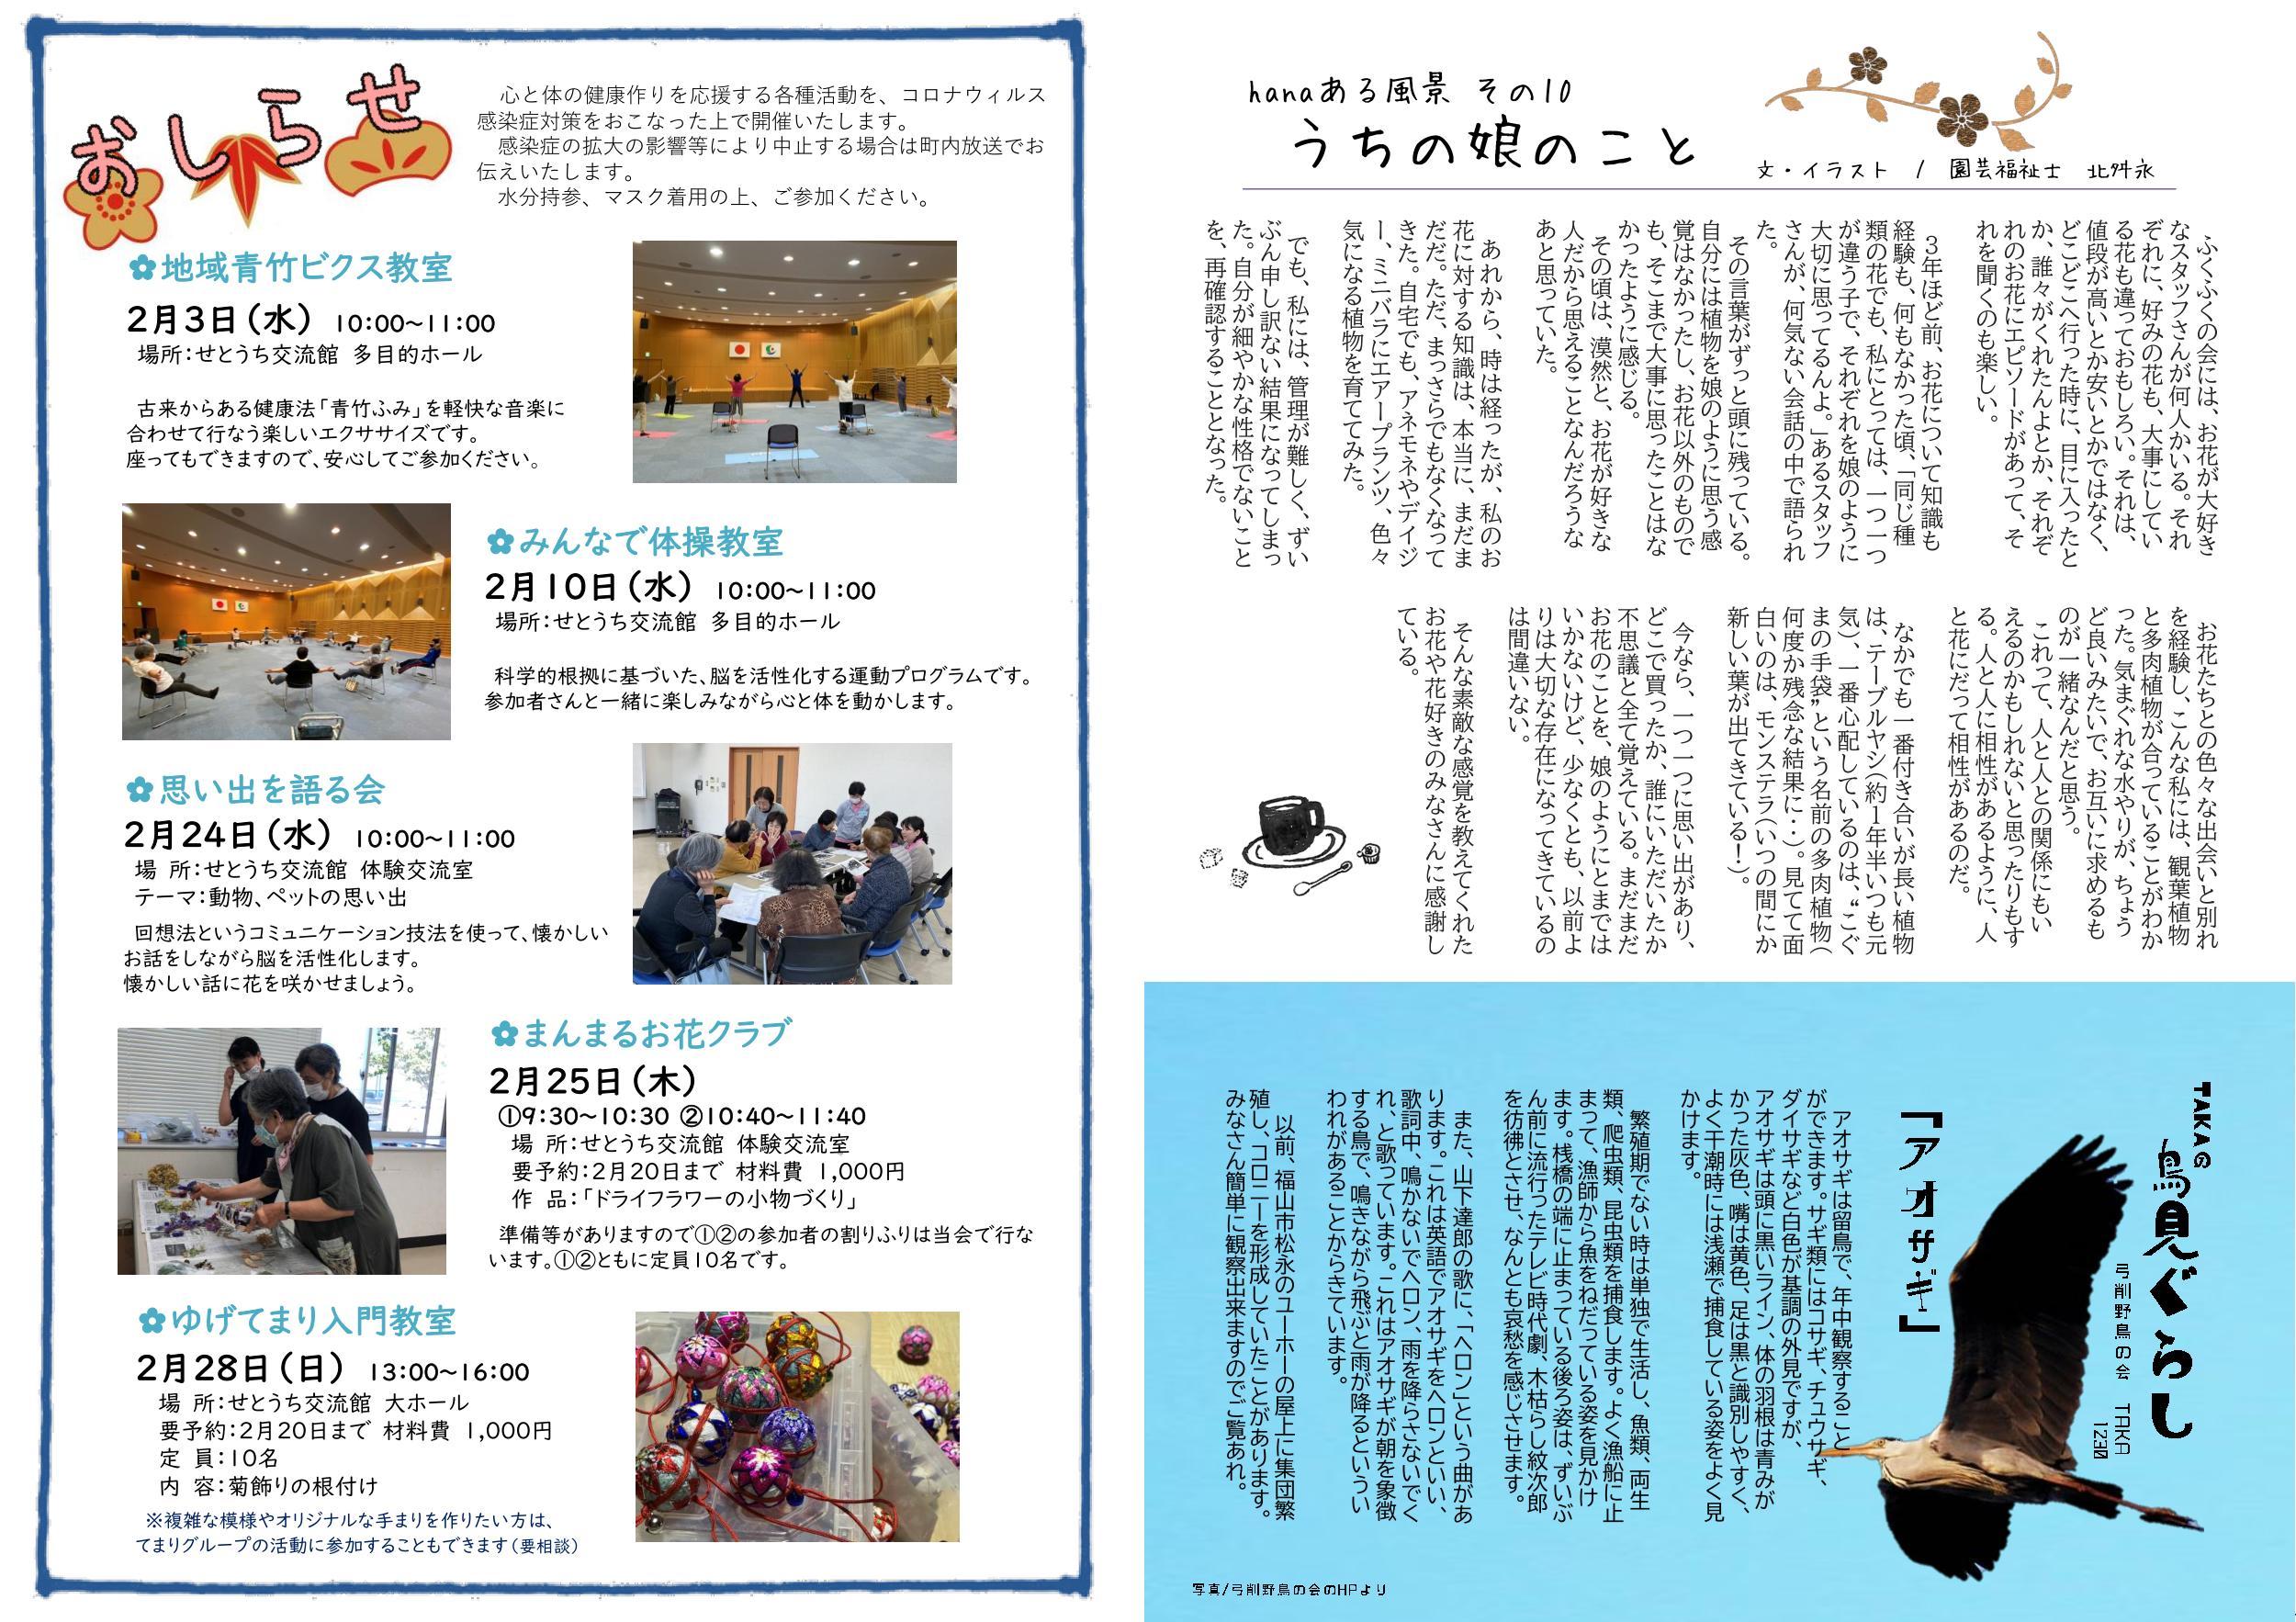 http://fukufukunokai.com/newsletter/images/1%E6%9C%88%E5%8F%B7_cropped_4.jpeg